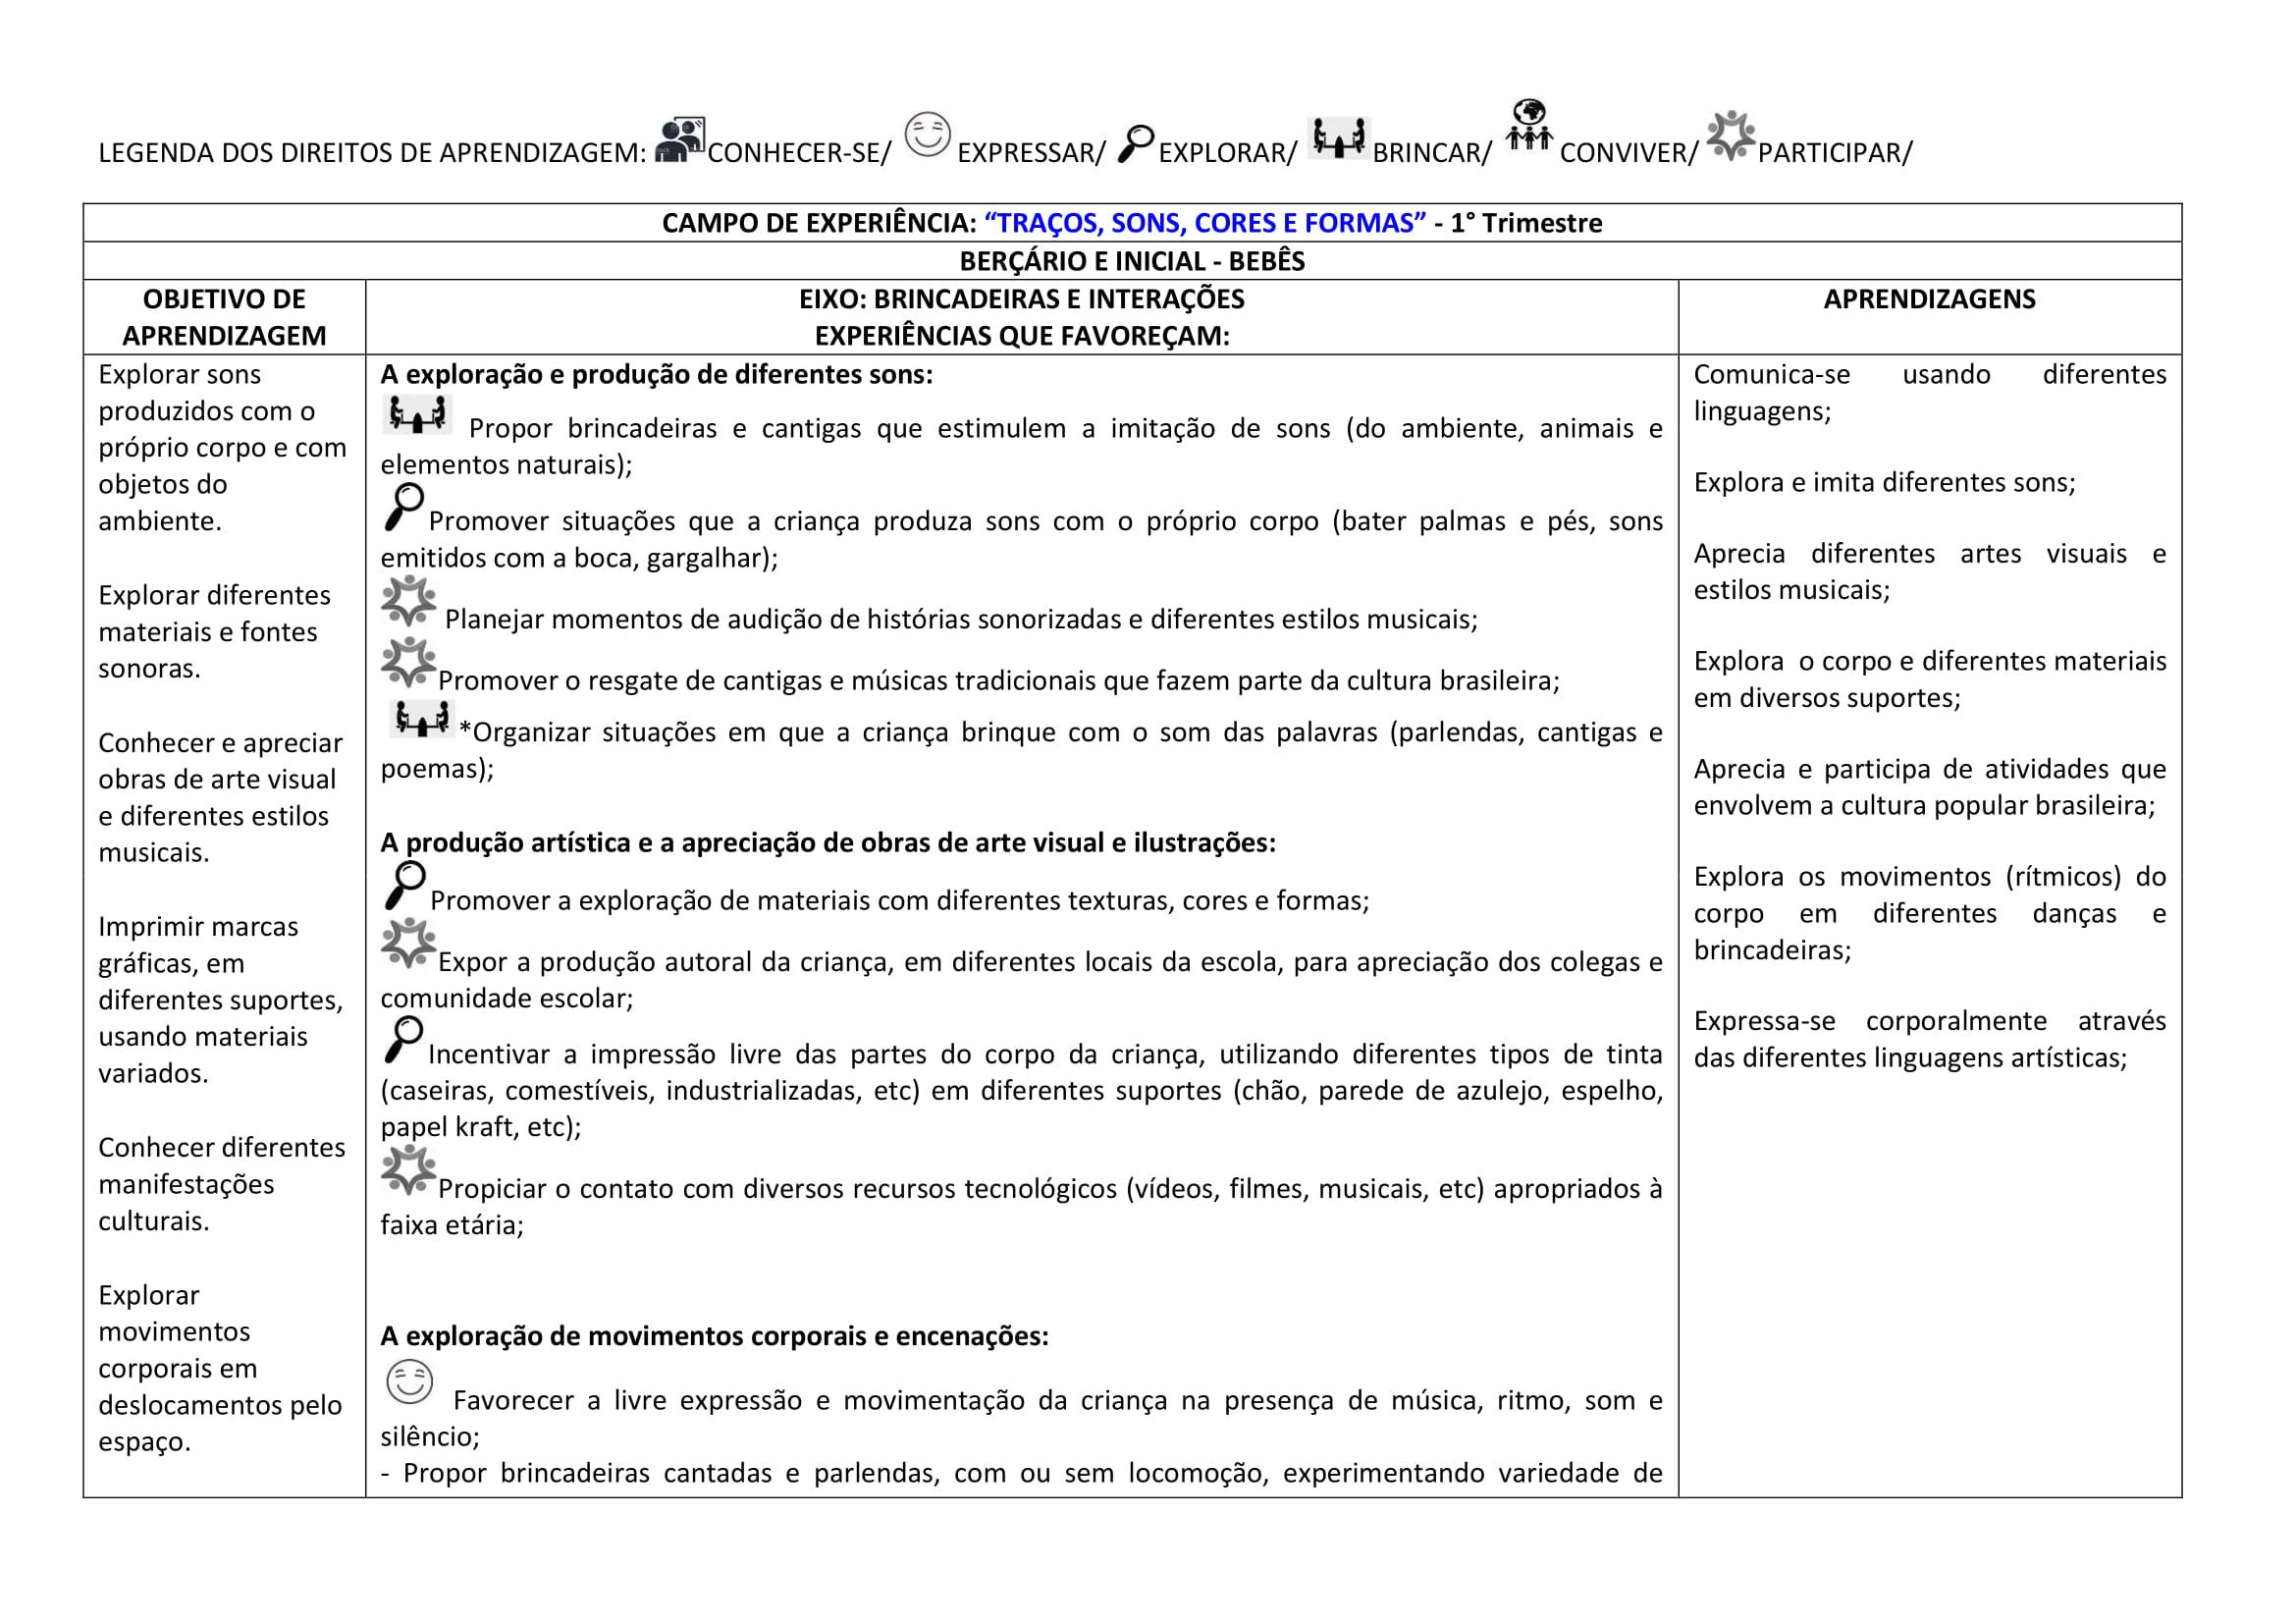 Berçário-e-Inicial-09